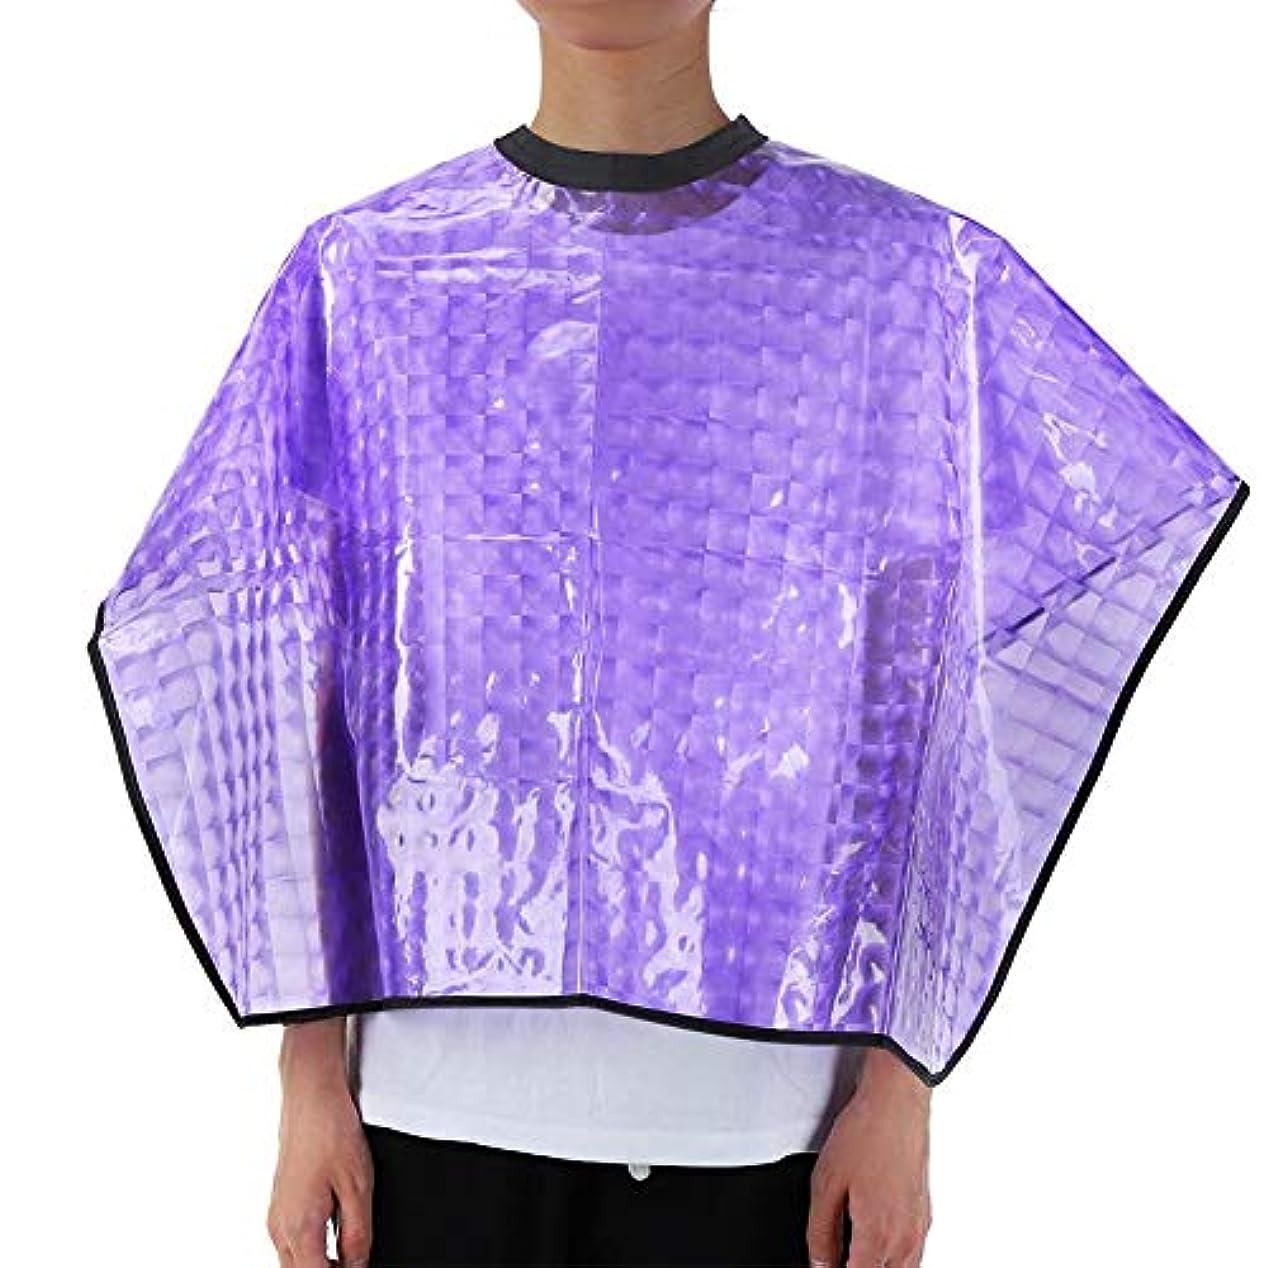 フェンスベテラン破裂プロのサロンケープ、80 x 76 cm理髪ショール理髪店ヘアサロン理髪ショールケープラップ(紫の)